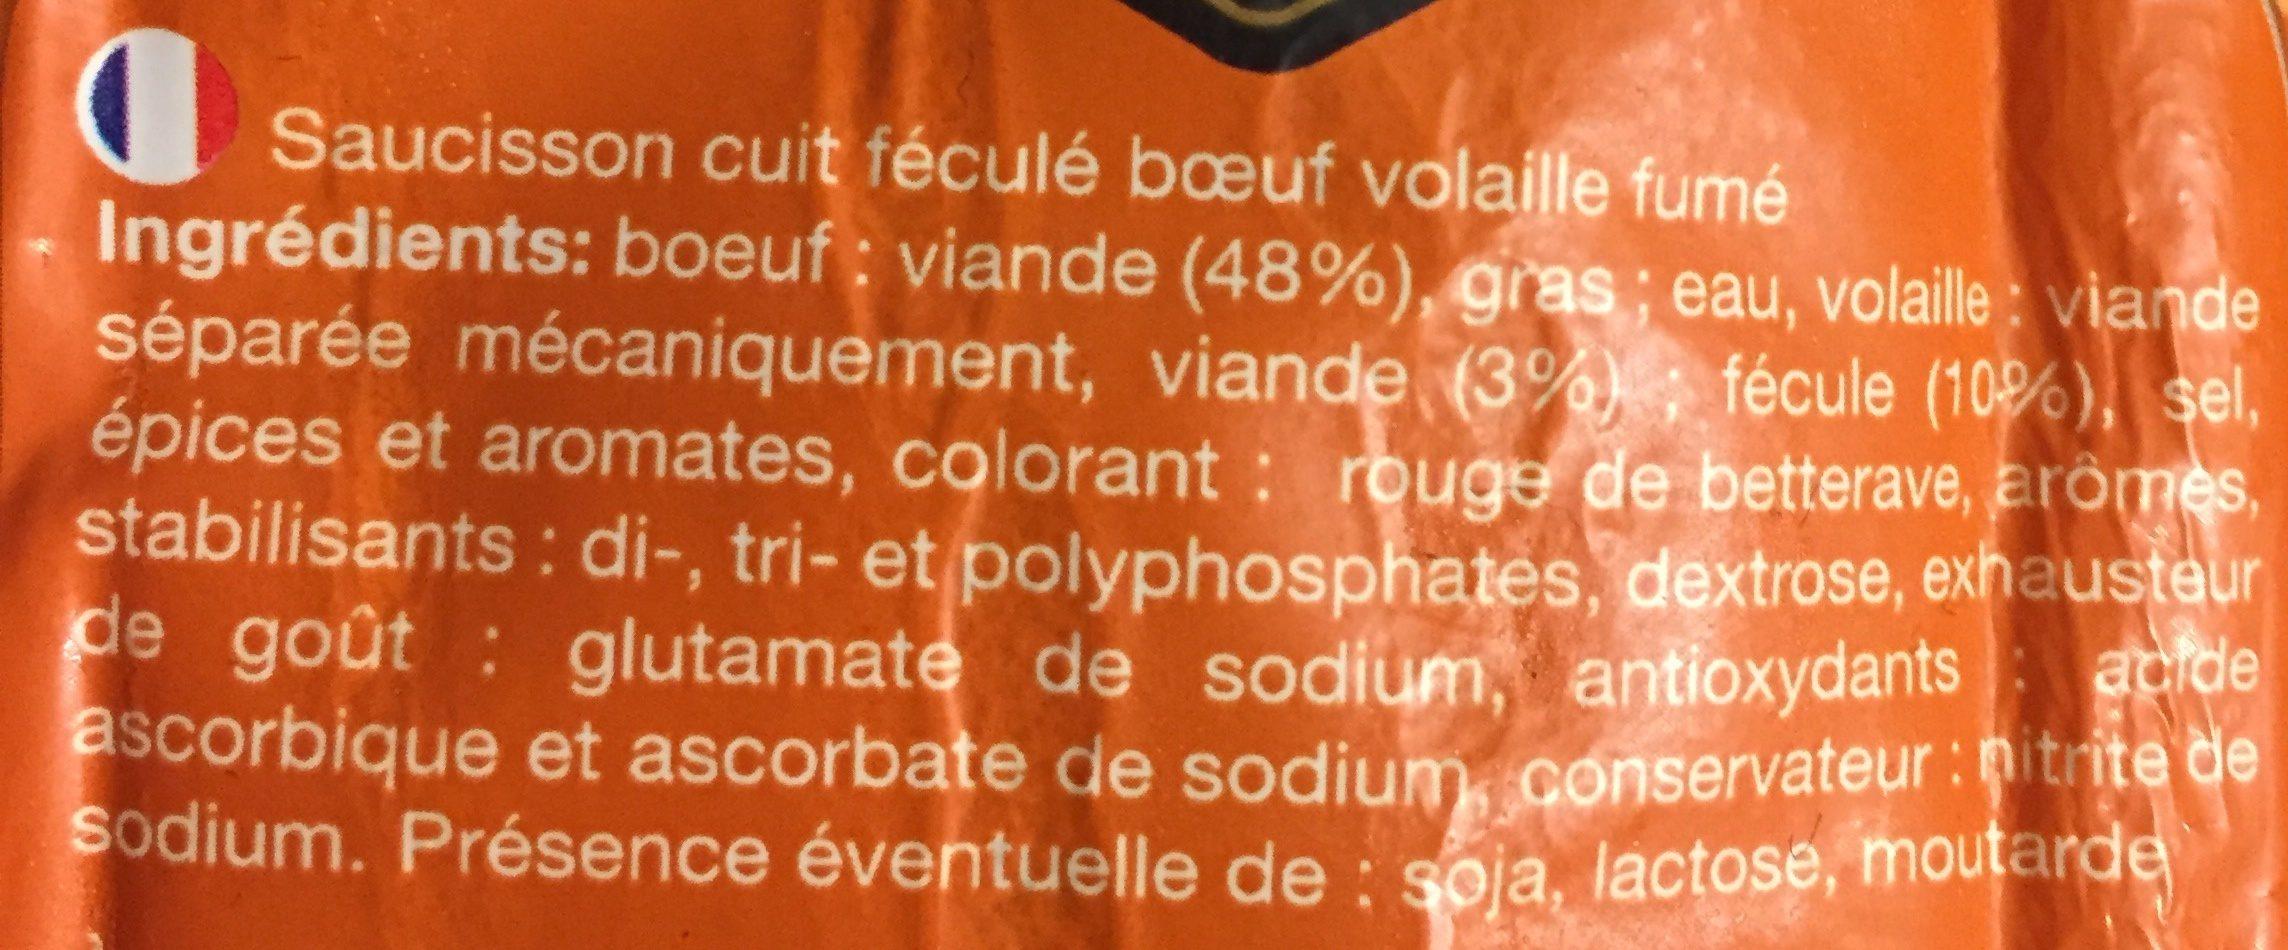 Saucisson cuit - Ingrédients